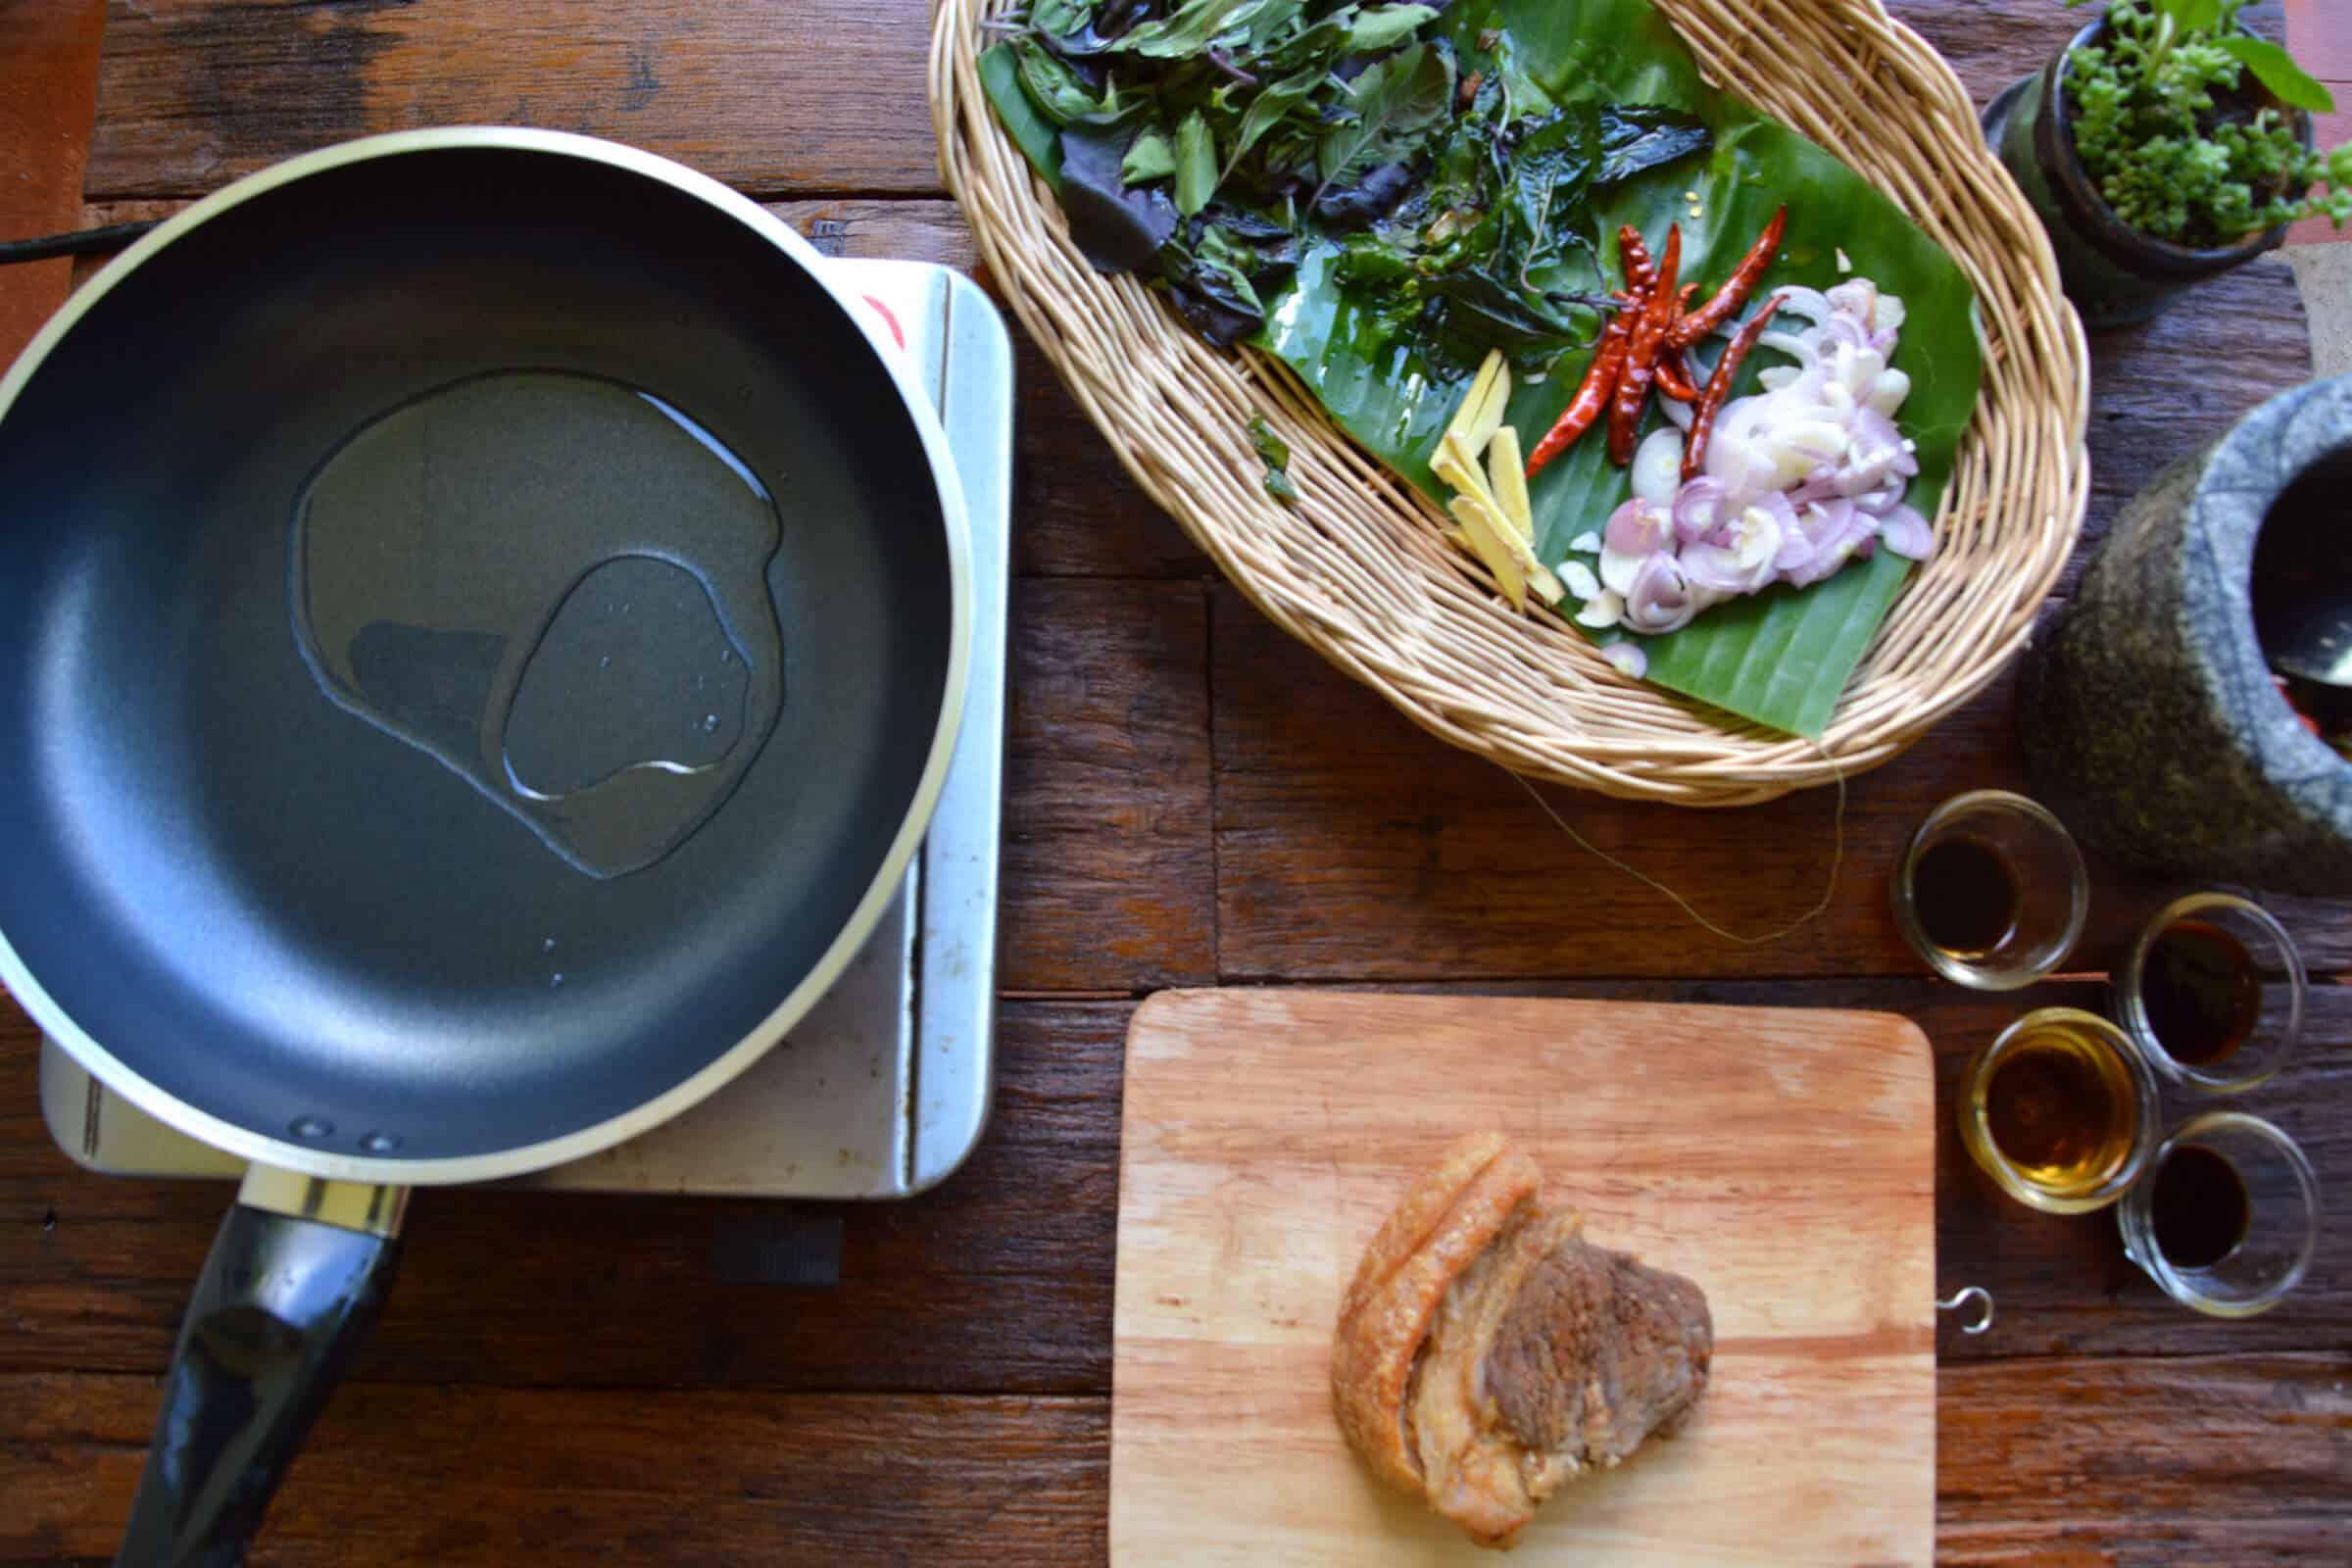 Thai Basil holy basil pork - pad krapow moo